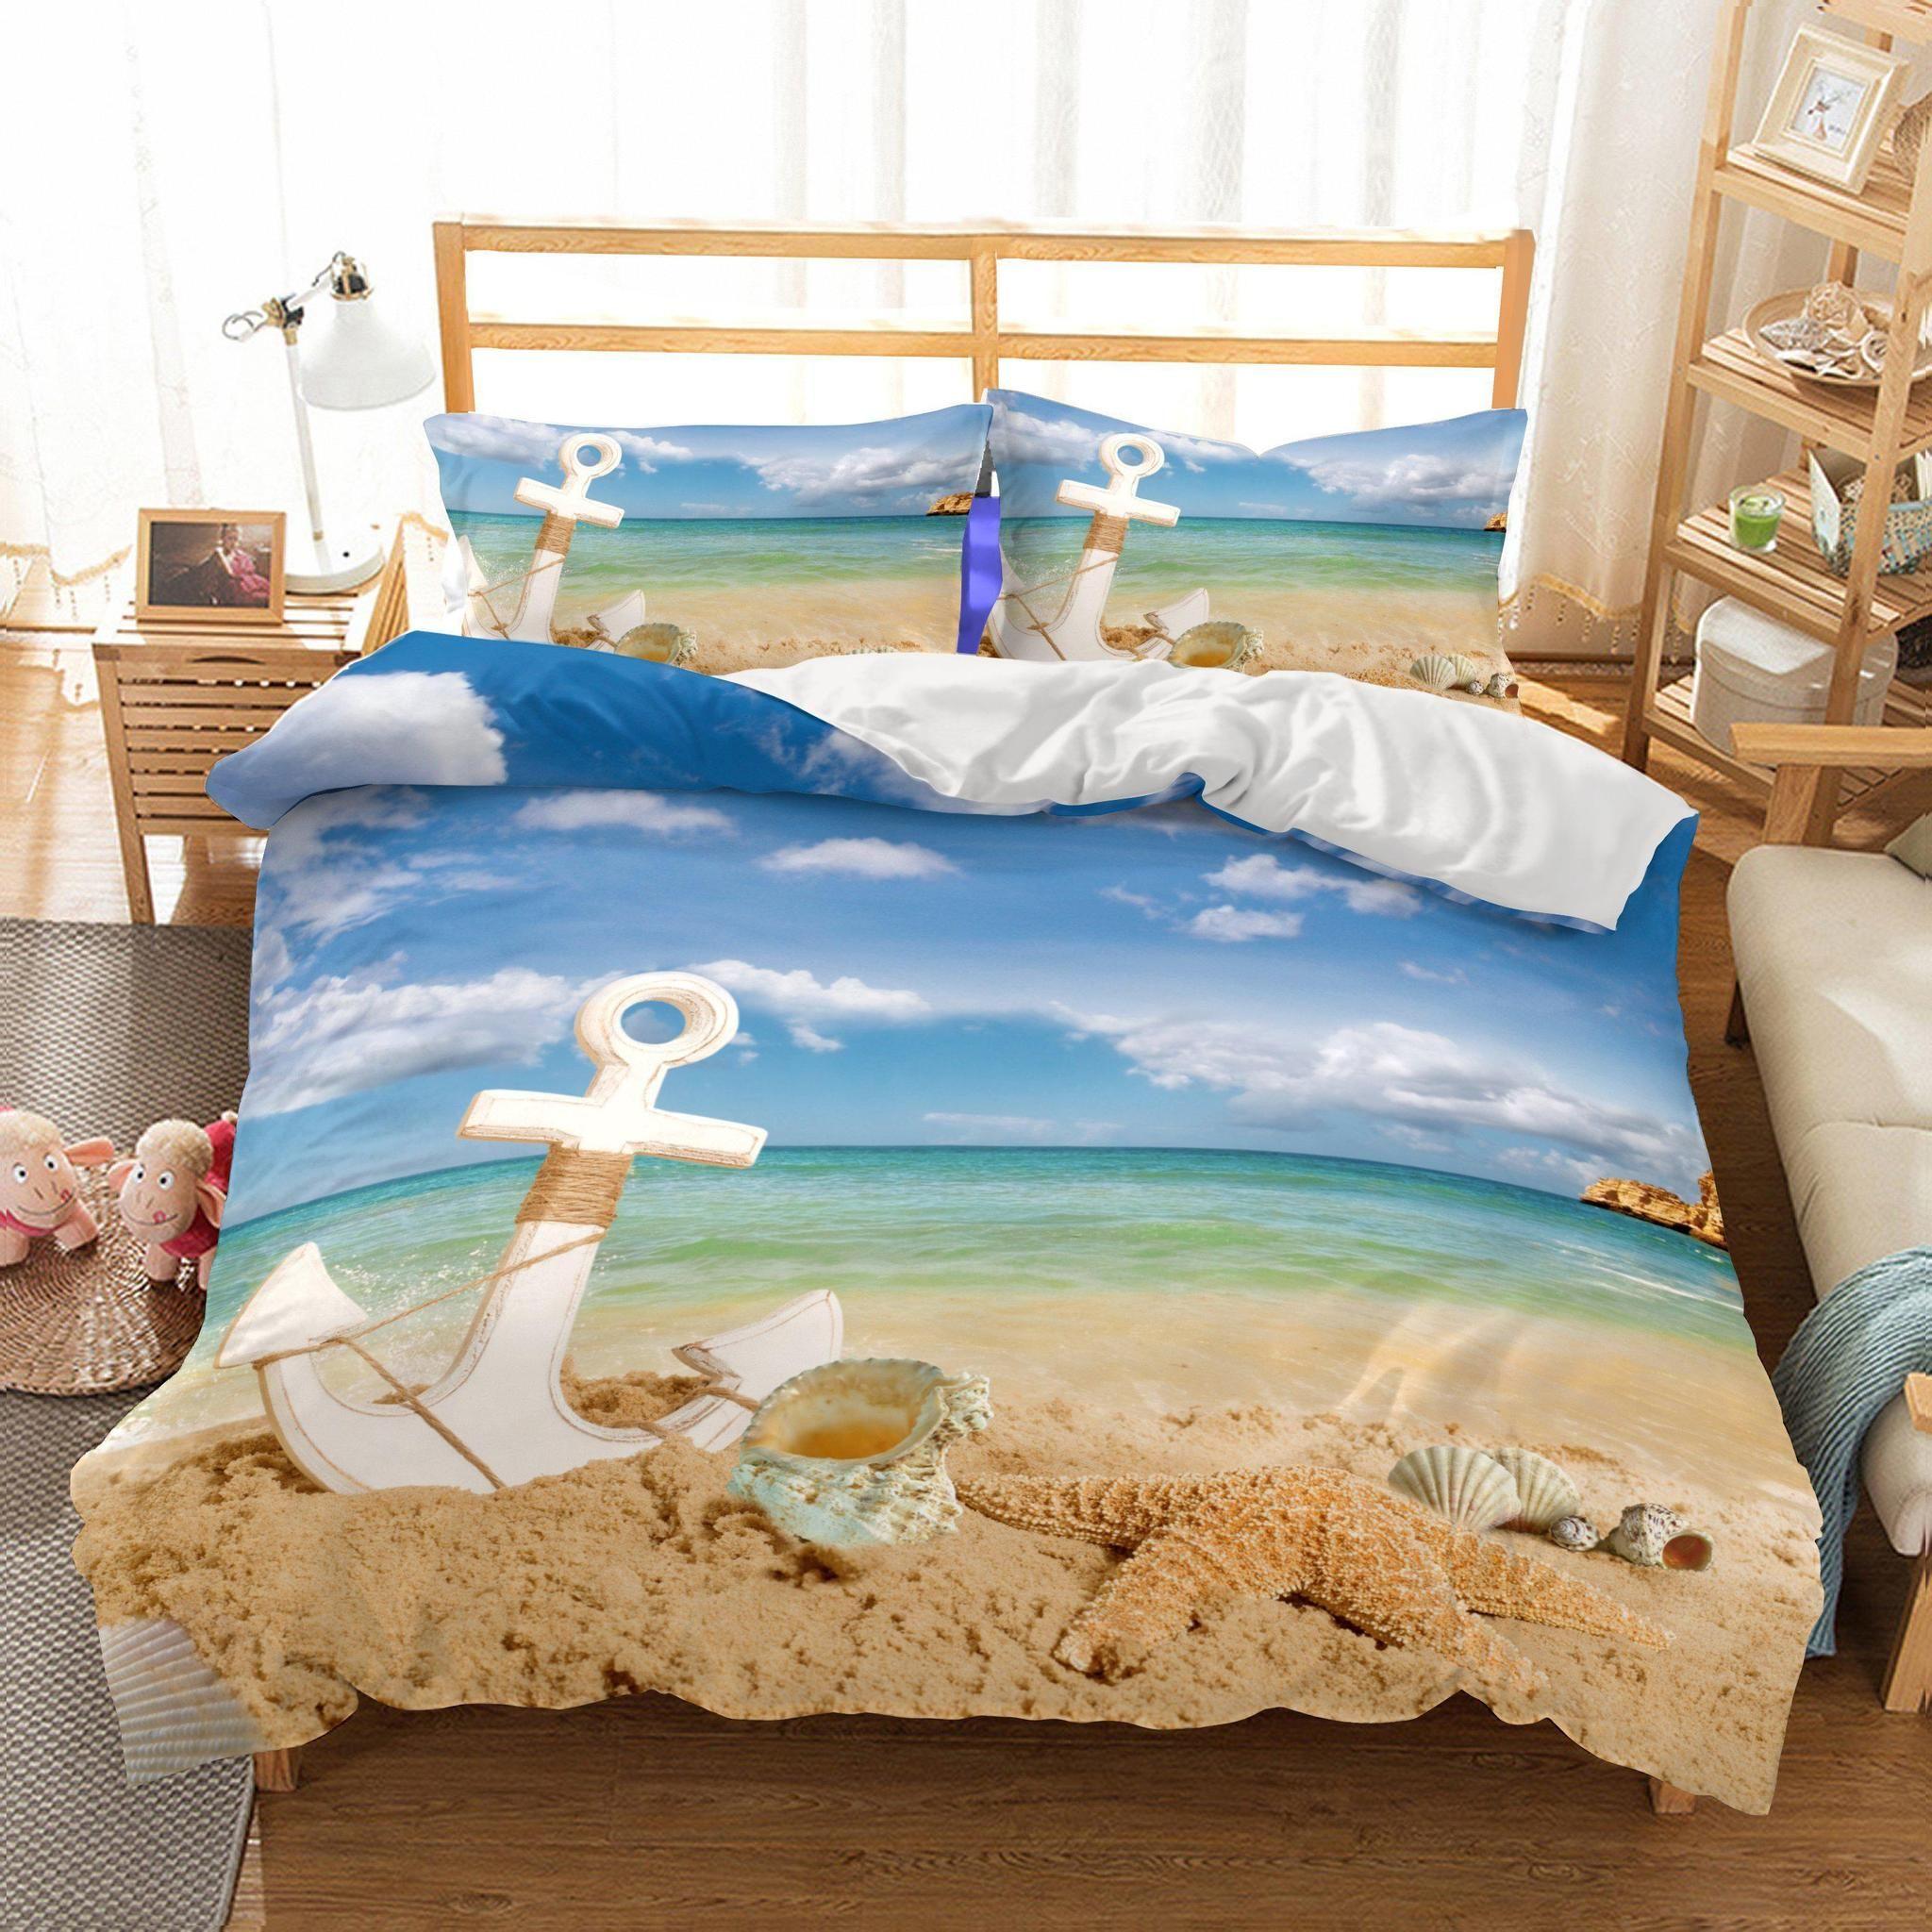 3-pc TROPICAL BEACH Full//Queen Quilt Cynthia Rowley Marine Life Fish Coral Blue